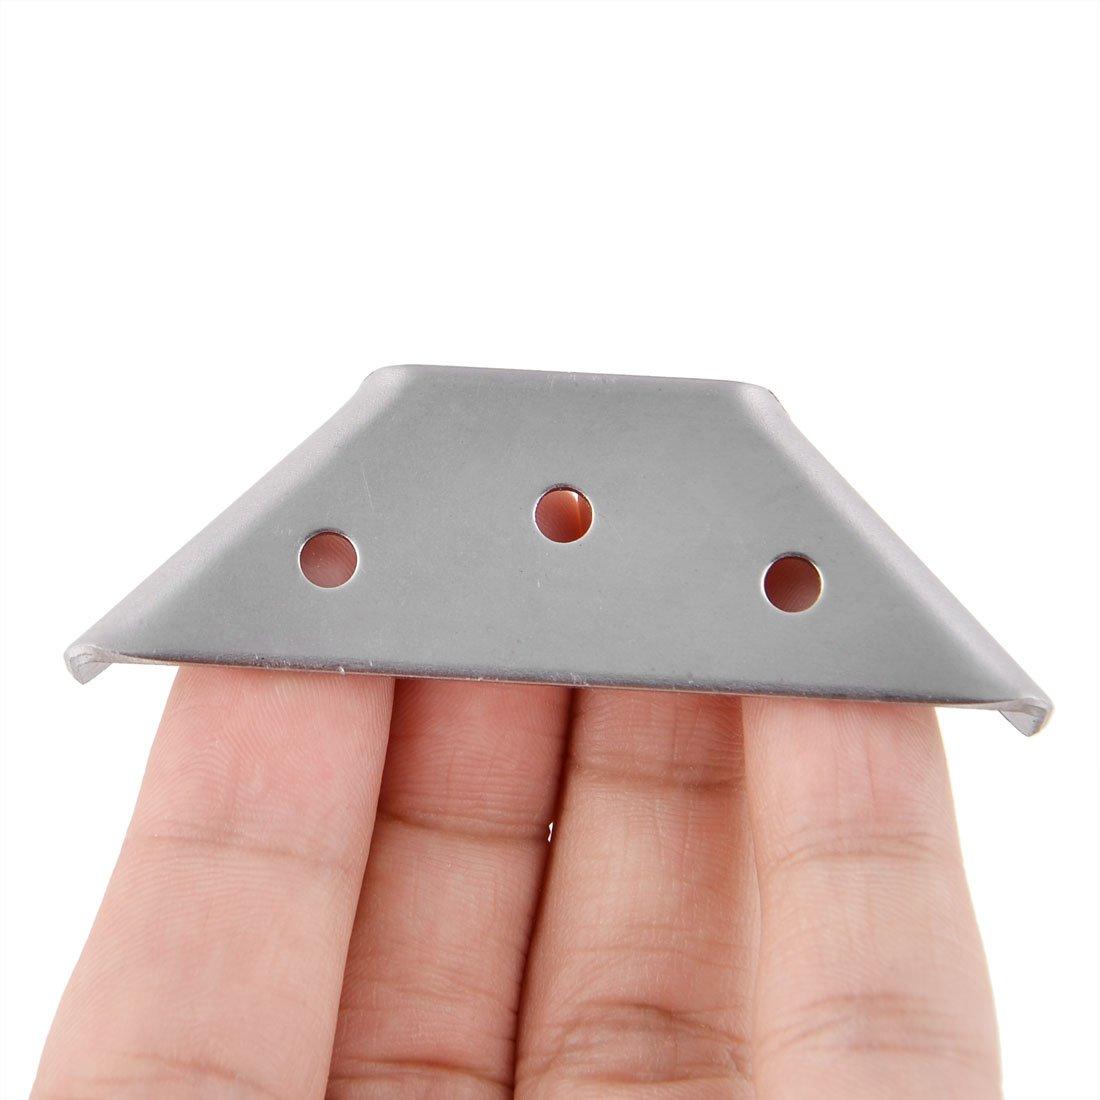 5Stk Edelstahl Kasten Tisch Abdeckung Eckschutz Kantenschutz Winkelhalterung